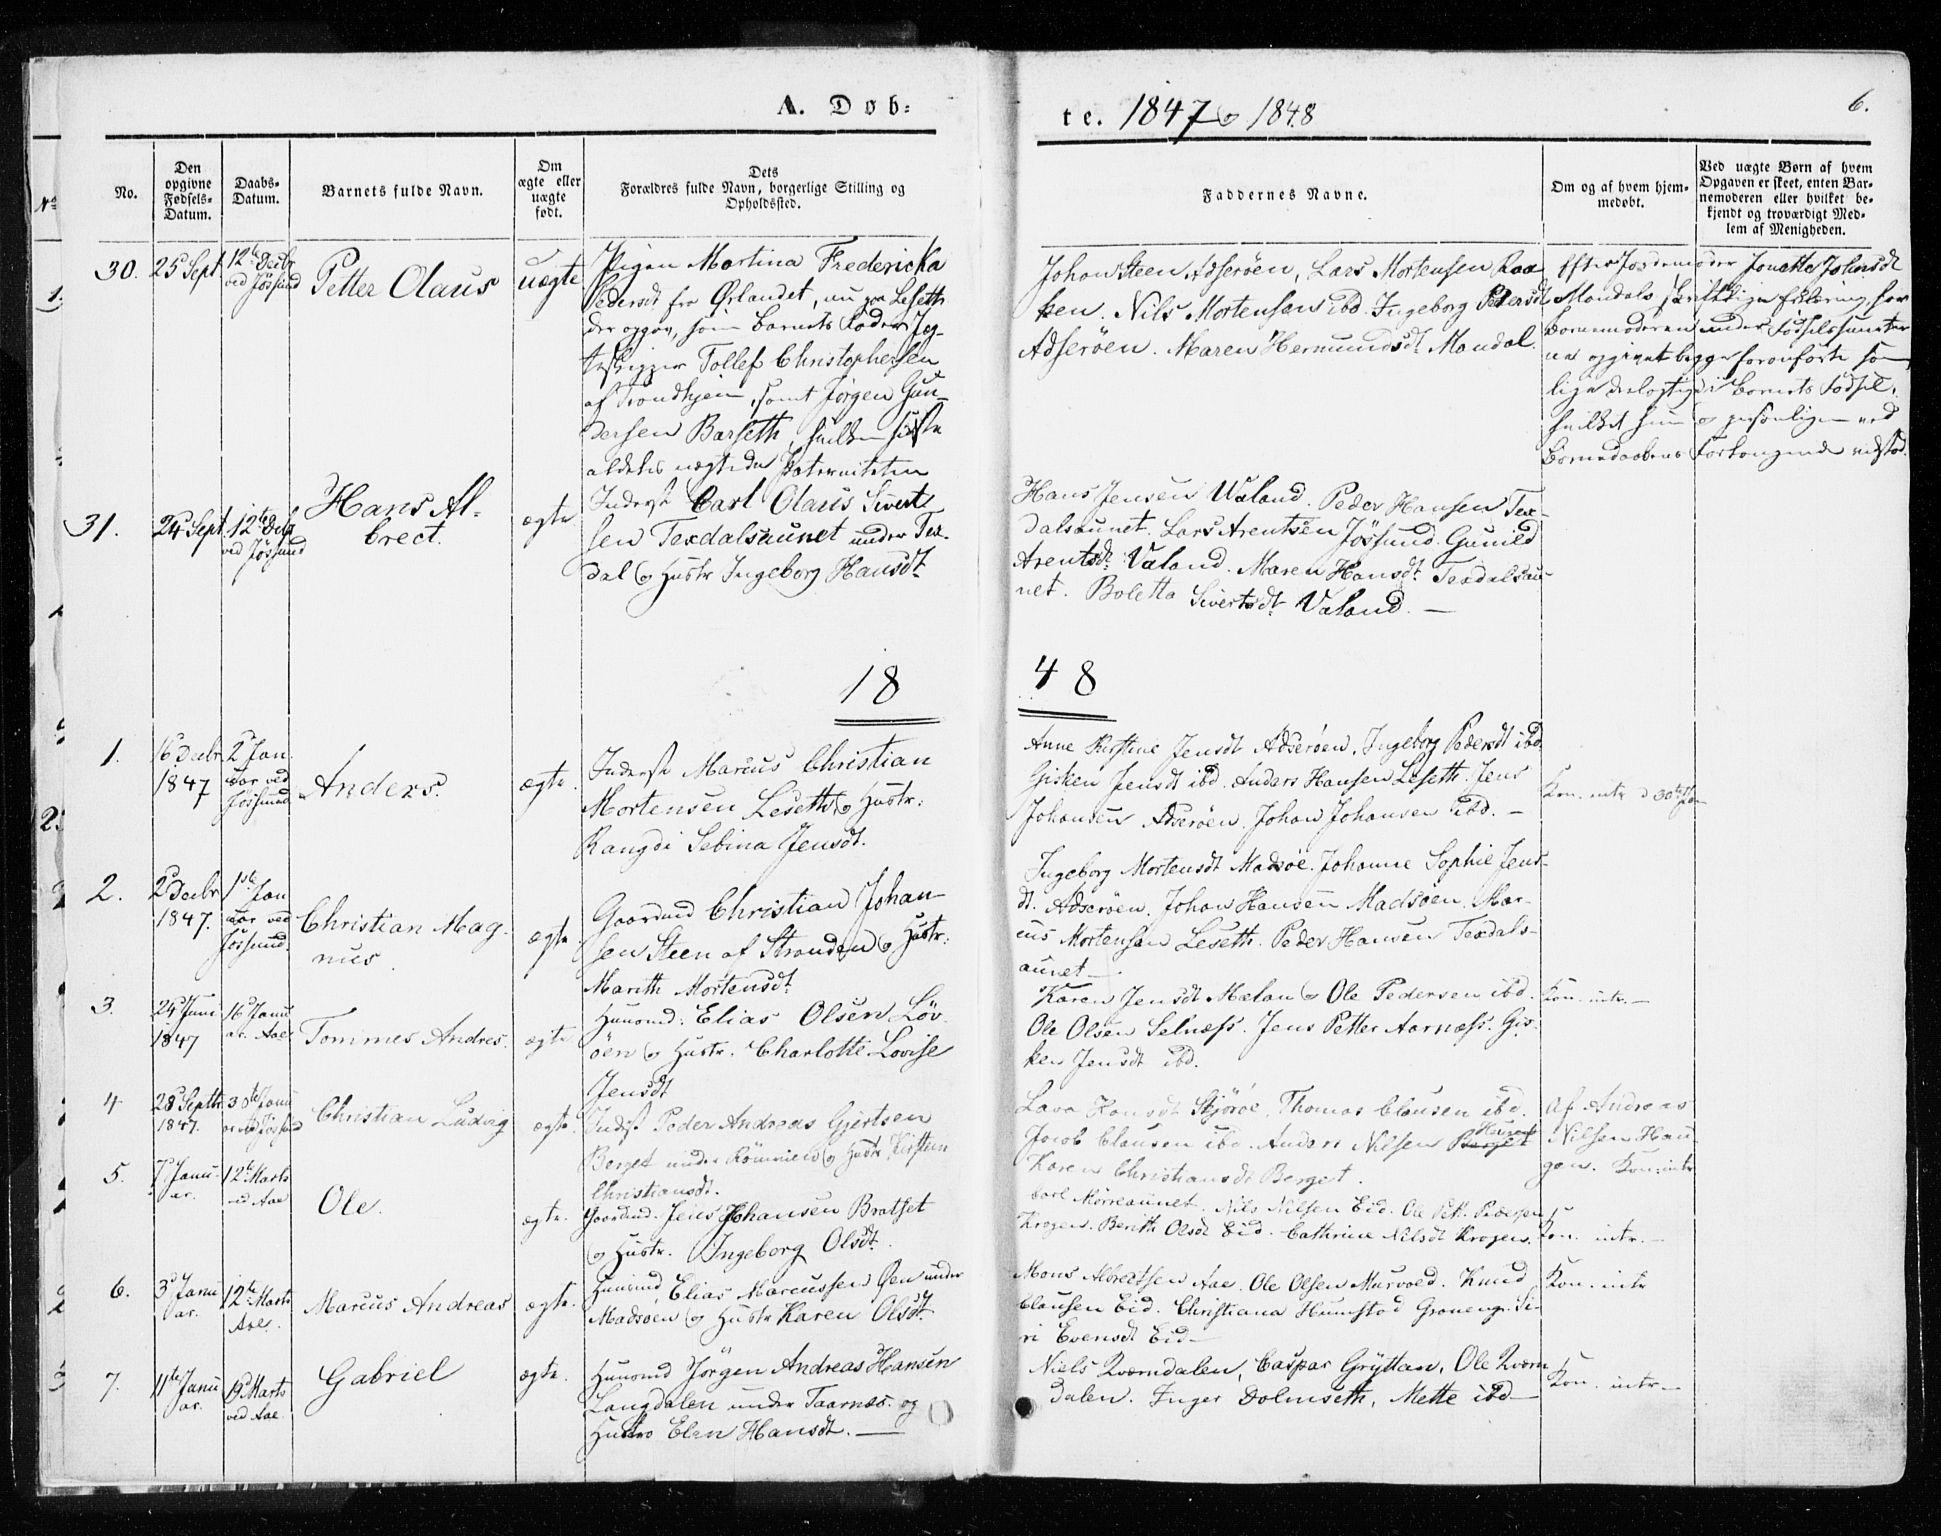 SAT, Ministerialprotokoller, klokkerbøker og fødselsregistre - Sør-Trøndelag, 655/L0677: Ministerialbok nr. 655A06, 1847-1860, s. 6